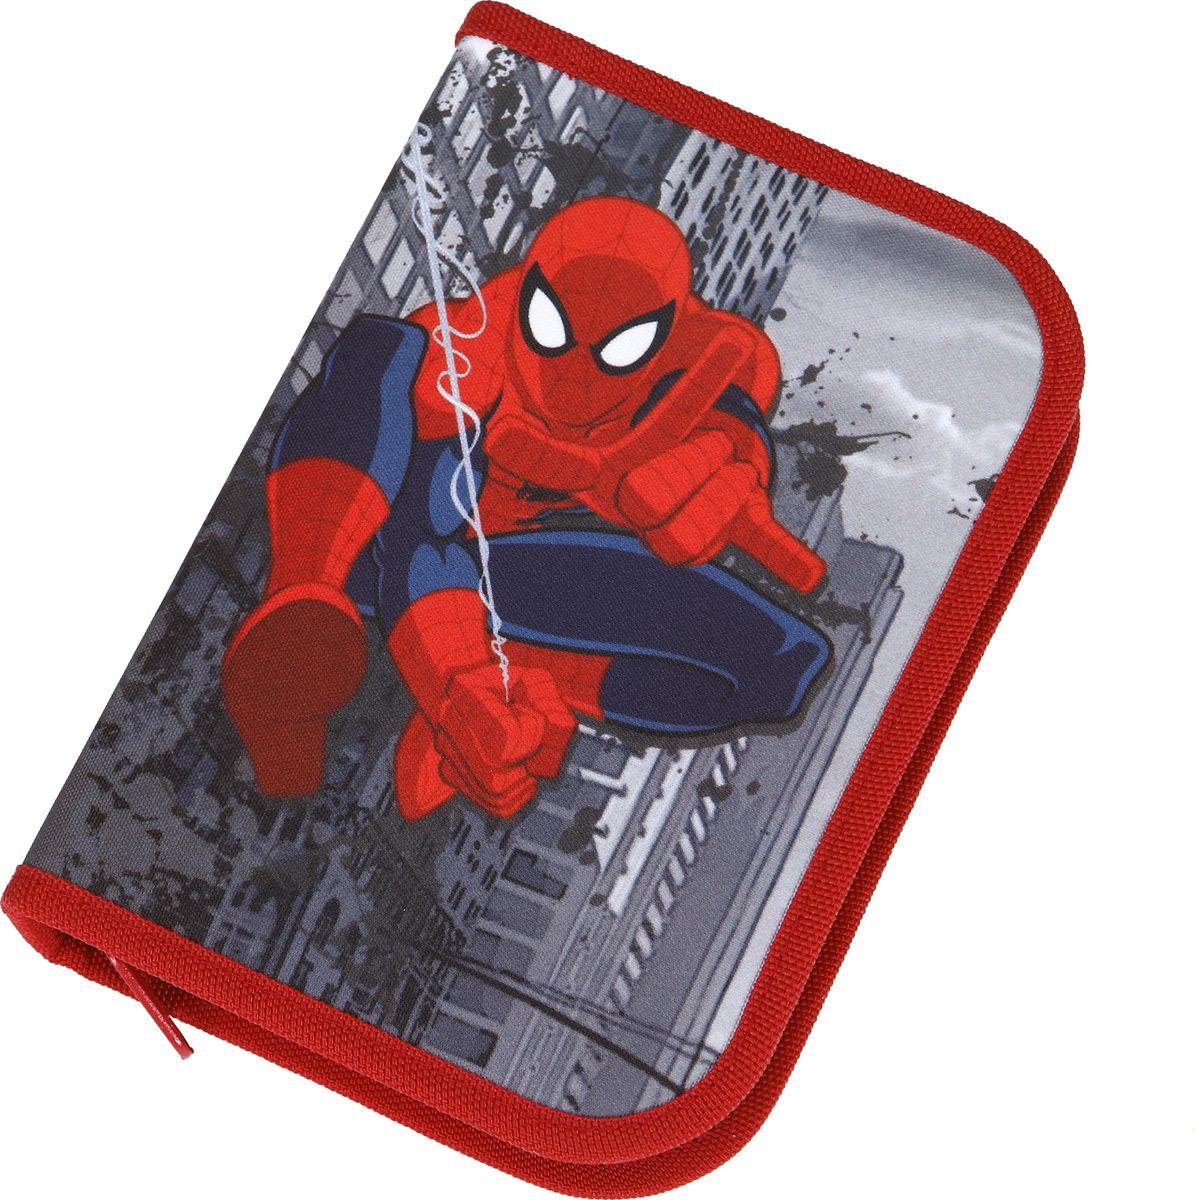 Scooli Пенал для мальчика Spider-Man72523WDПенал на застежке-молнии. Пенал с наполнением: 1 простой карандаш (трехгранный корпус), 8 цветных карандашей (трехгранный корпус), 5 цветных фломастеров (трехгранный корпус) с вентилируемым колпачком, линейка (16 см), точилка и ластик